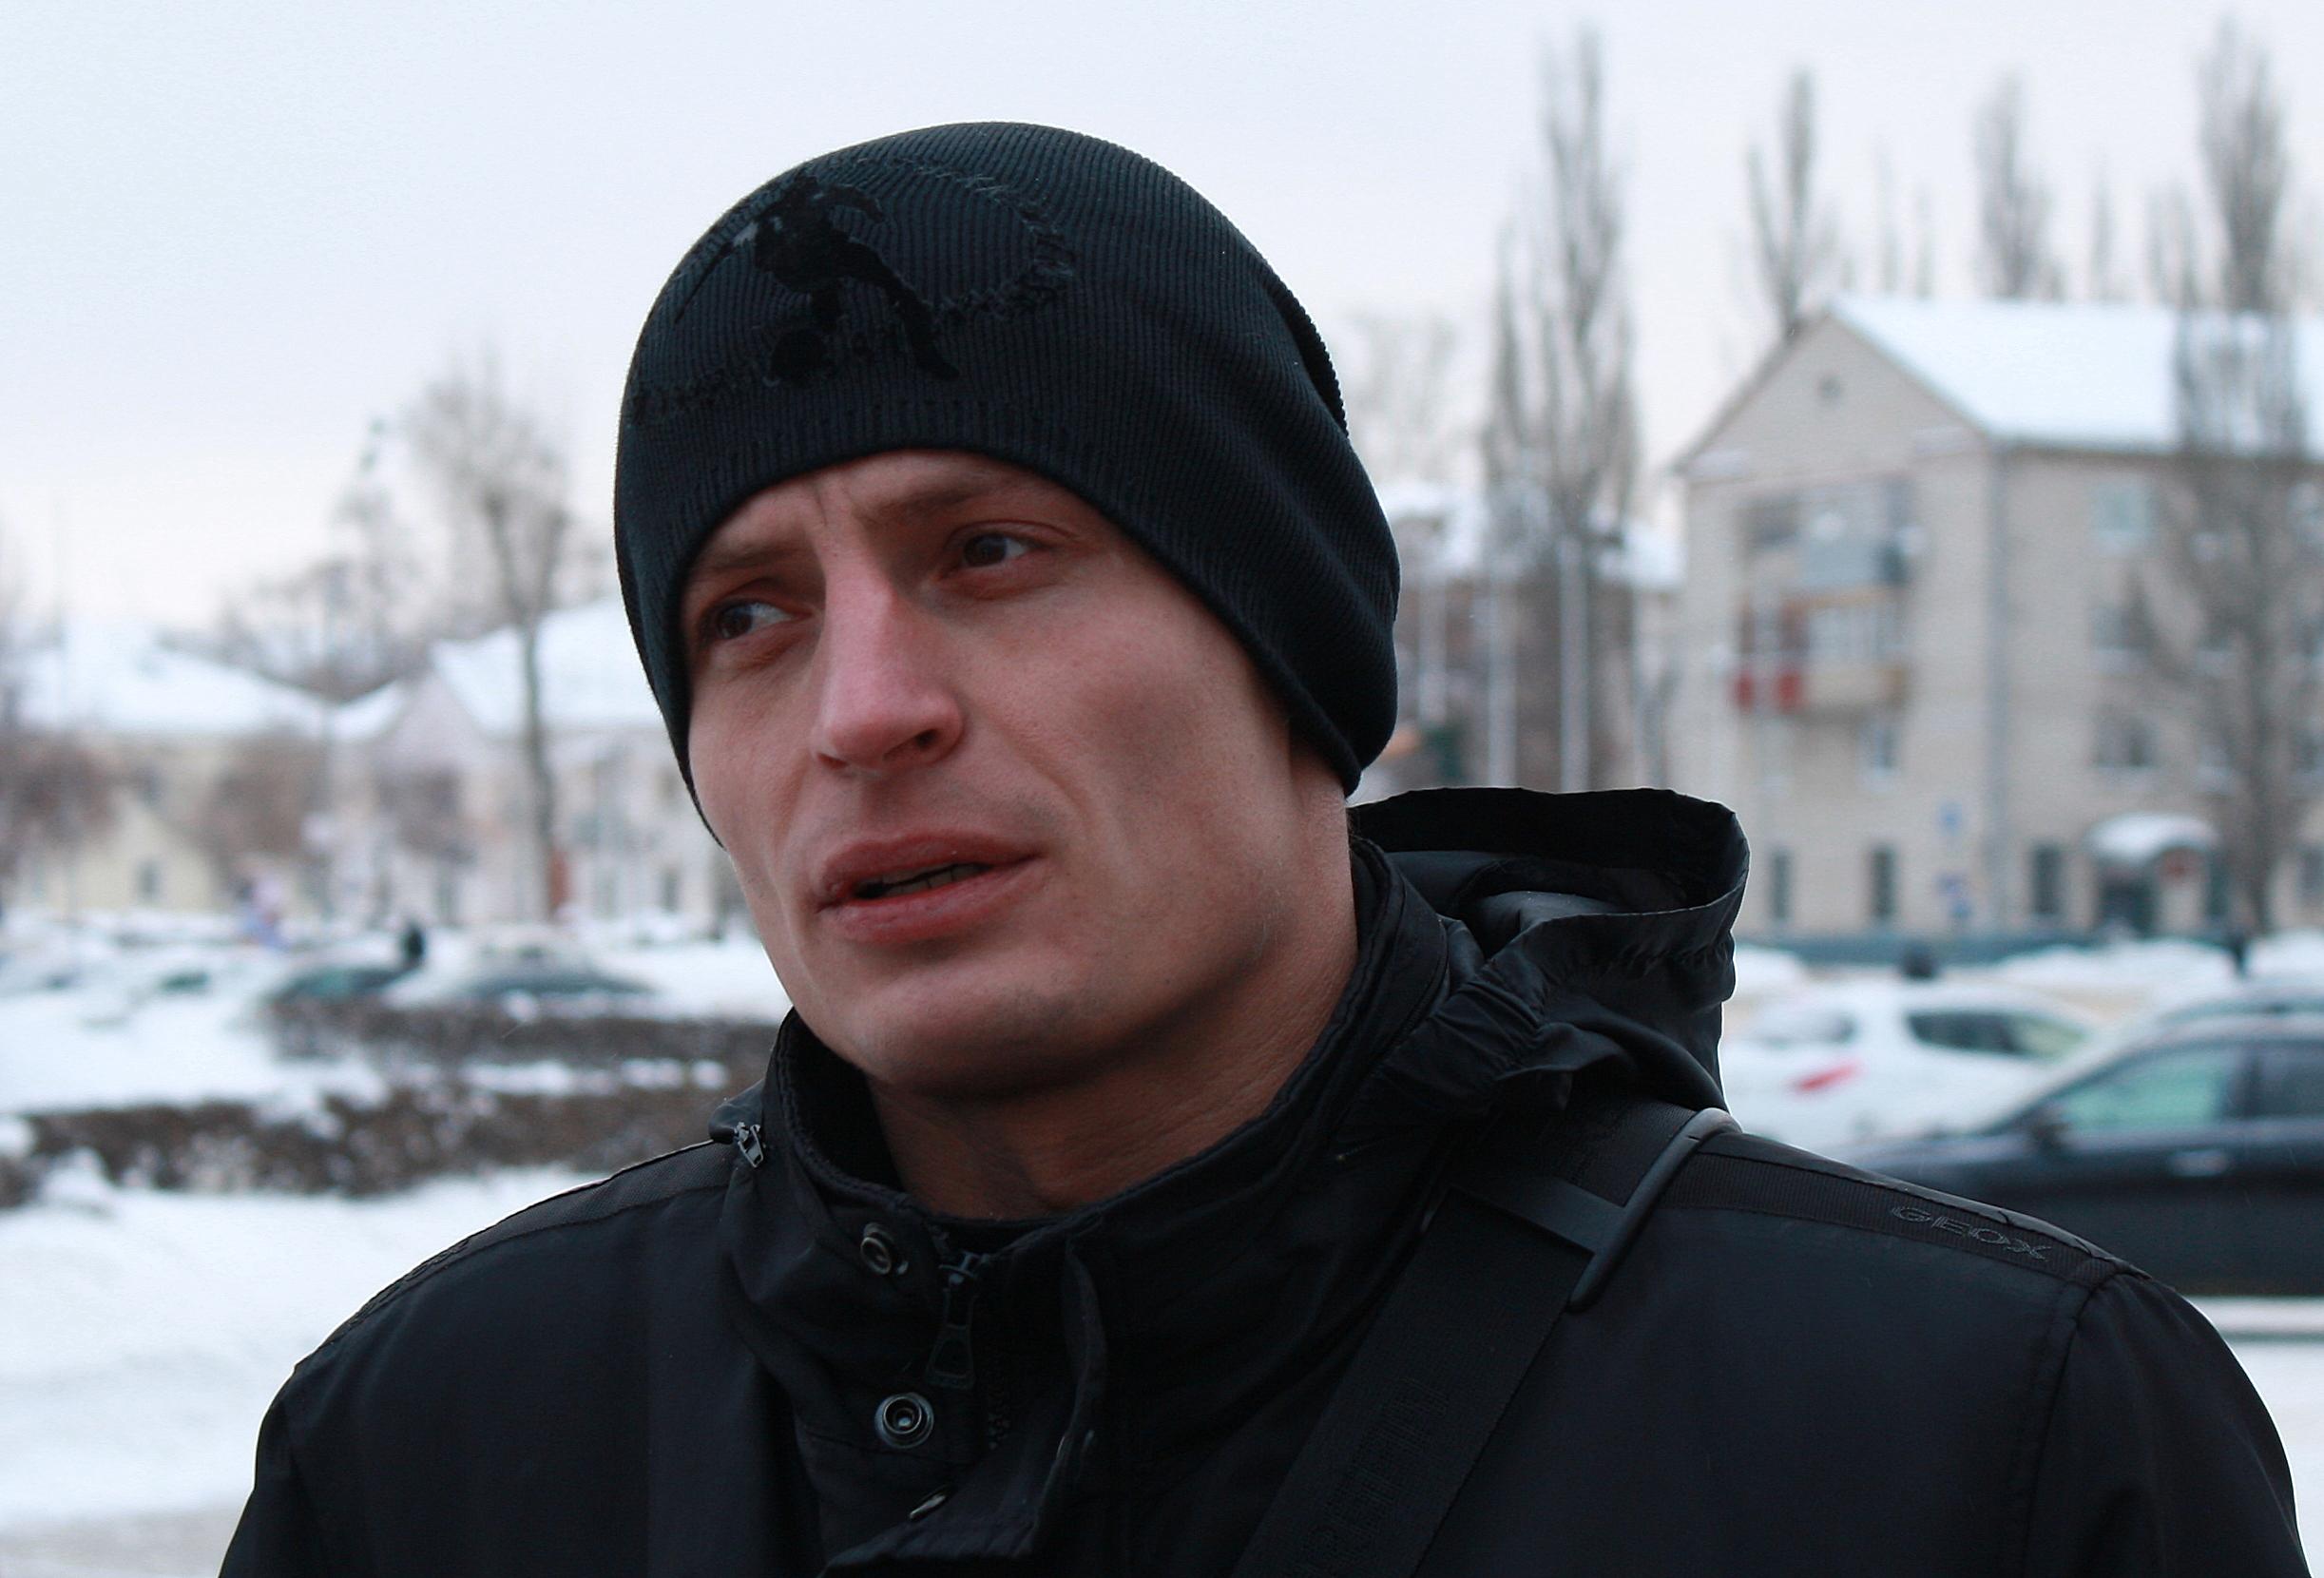 Александр Герунов: осуществляют контроль исключительно по собственному желанию